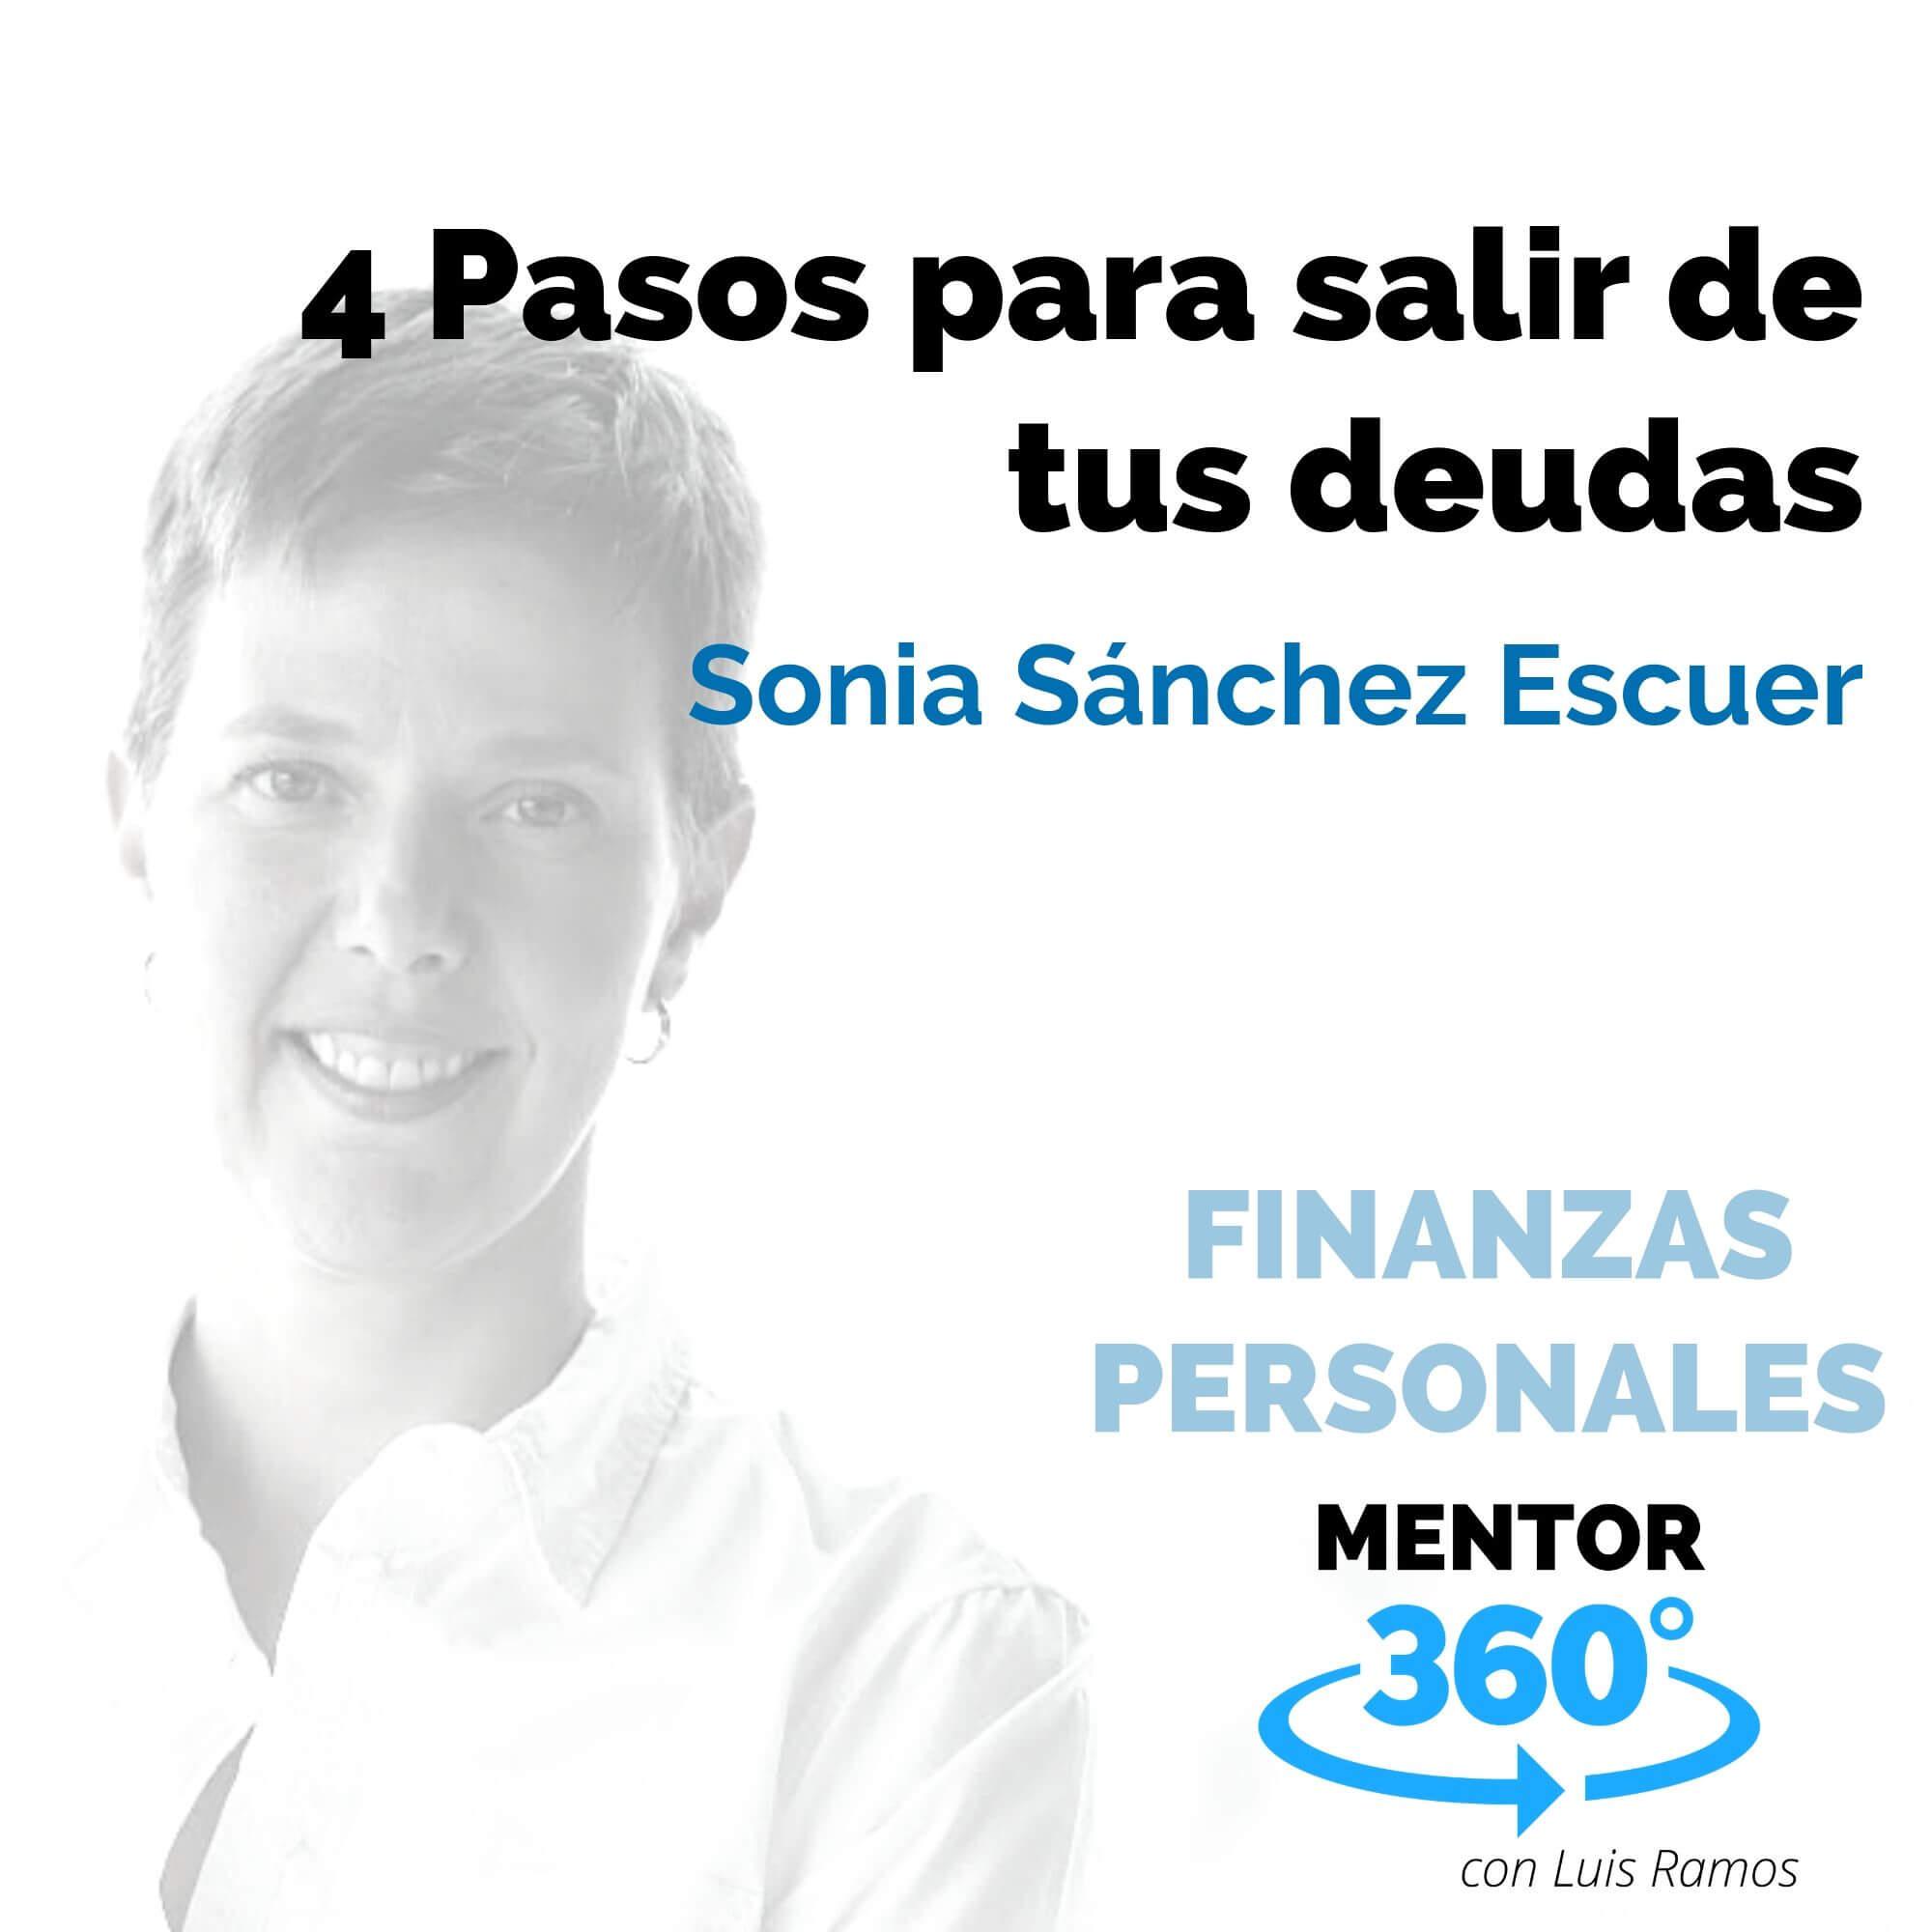 4 Pasos para salir de tus deudas, con Sonia Sánchez Escuer - FINANZAS